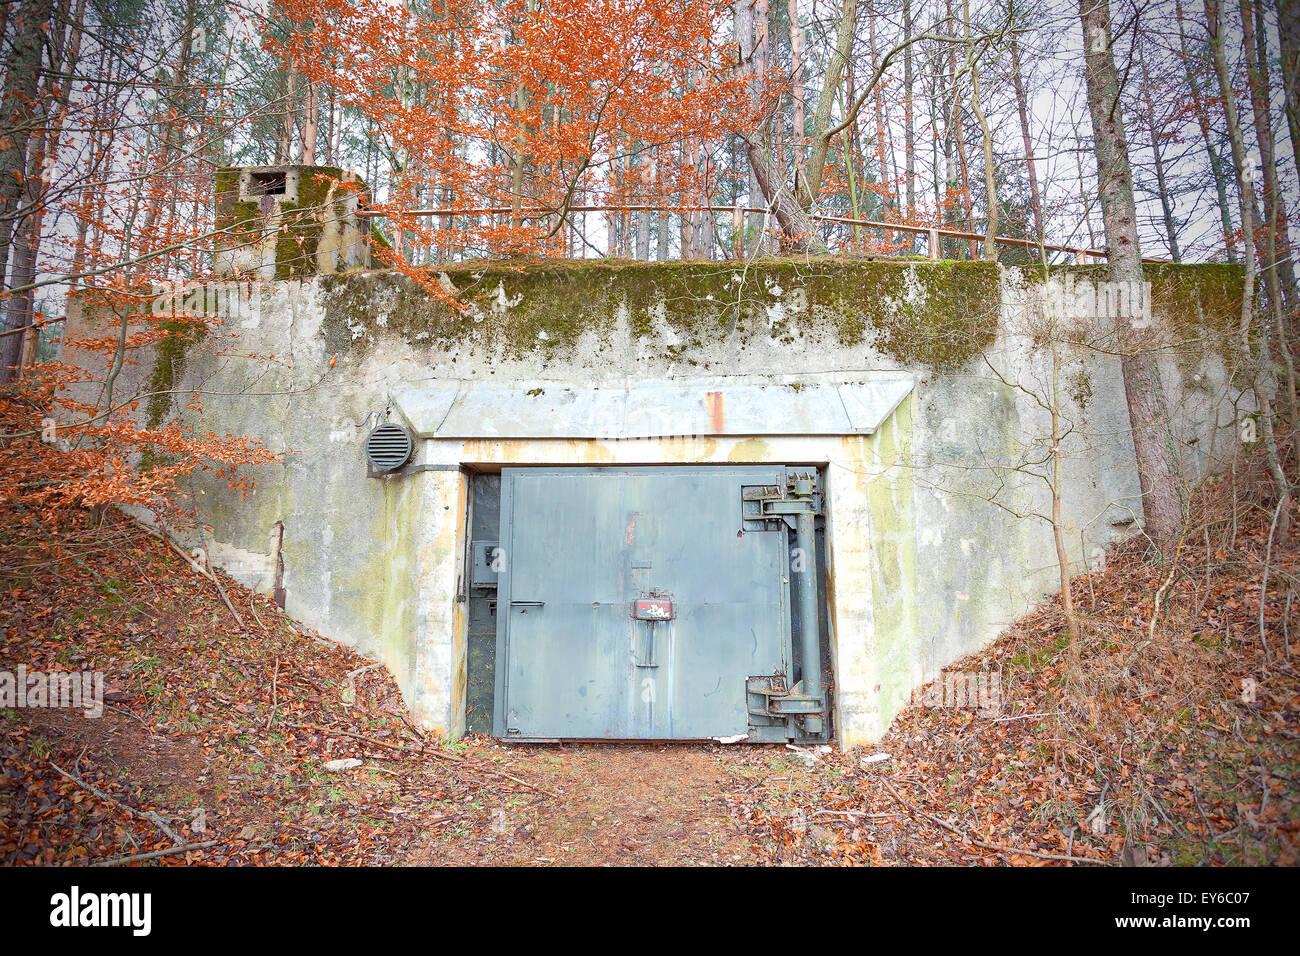 Viejos abandonados en el búnker de la guerra fría, Podborsko forestal en Polonia. Imagen De Stock